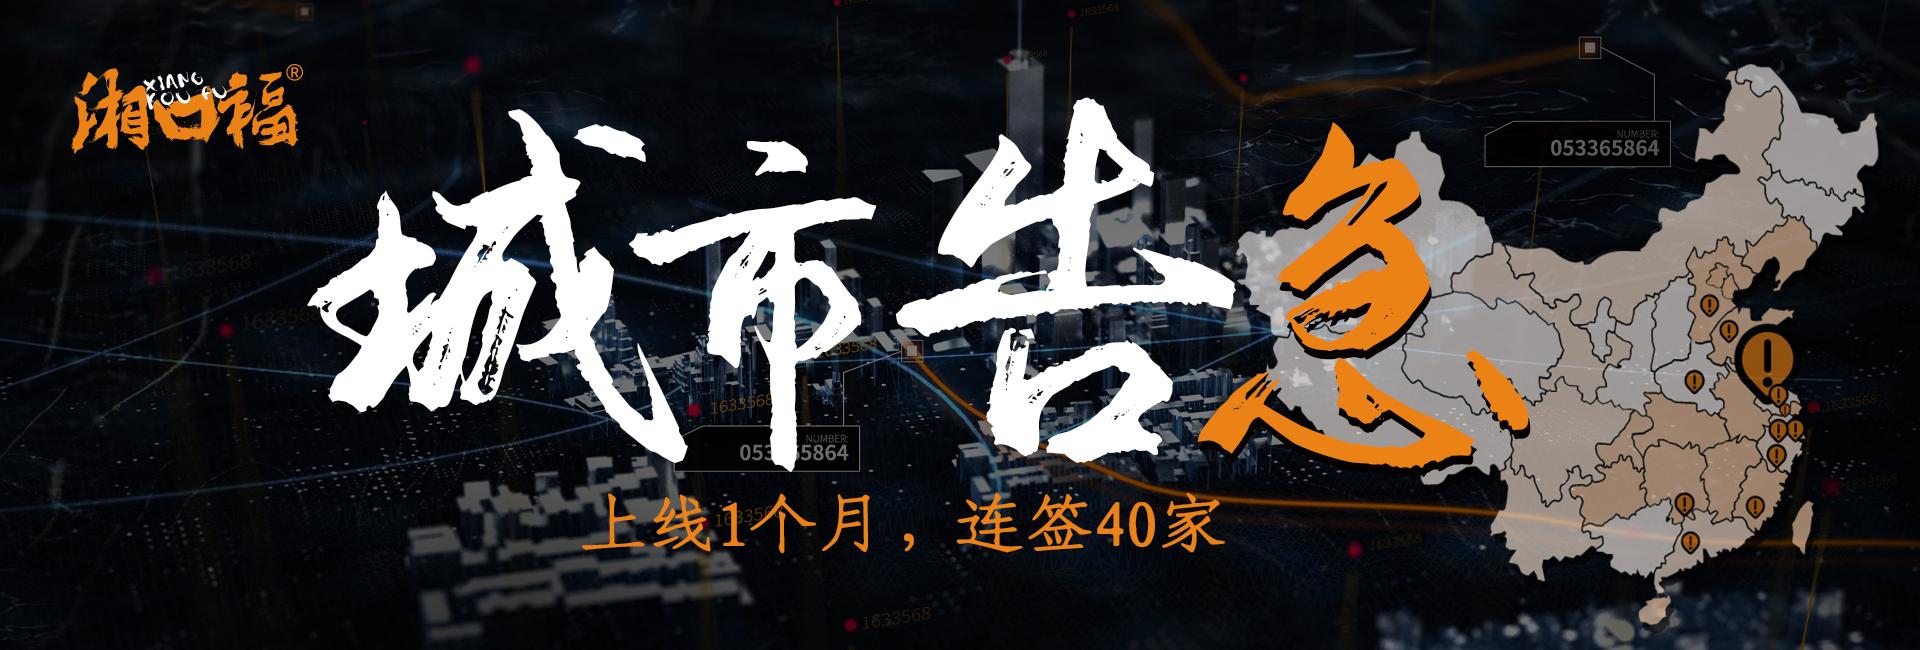 湘口福城市告急